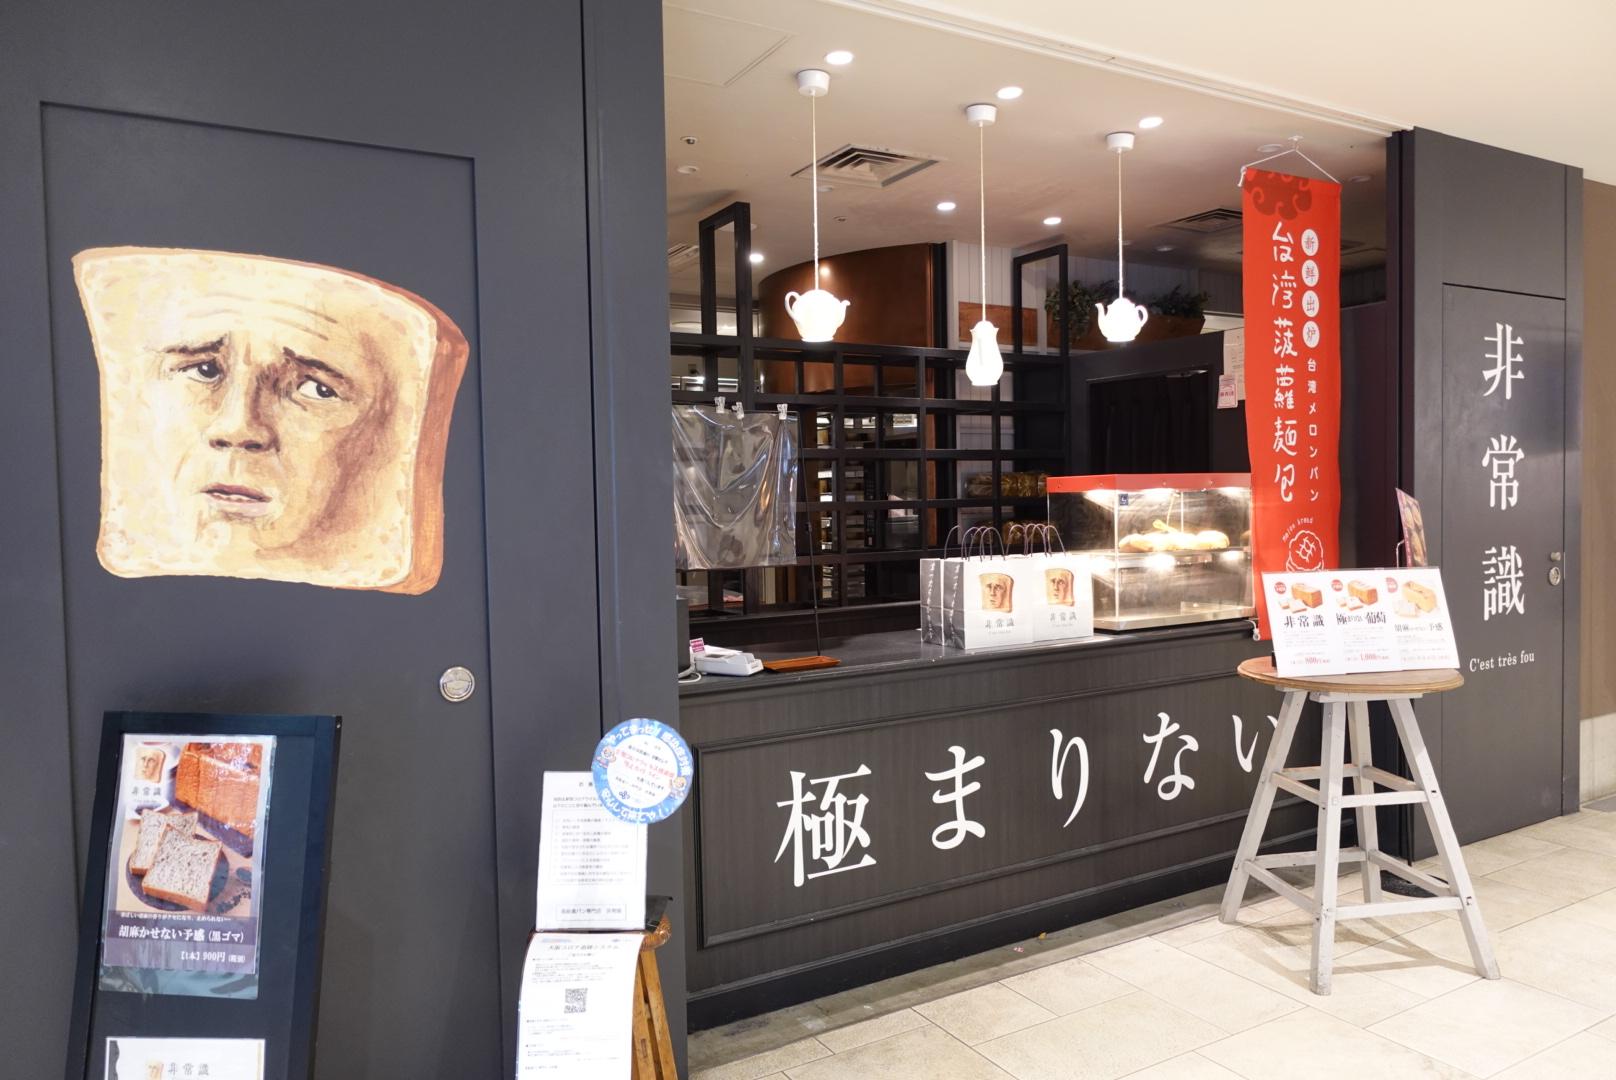 食べてみたらわかる!?紙袋と店名が独特!高級食パン『非常識』最近食べた高級食パンの中で一番美味しいかも!?_1